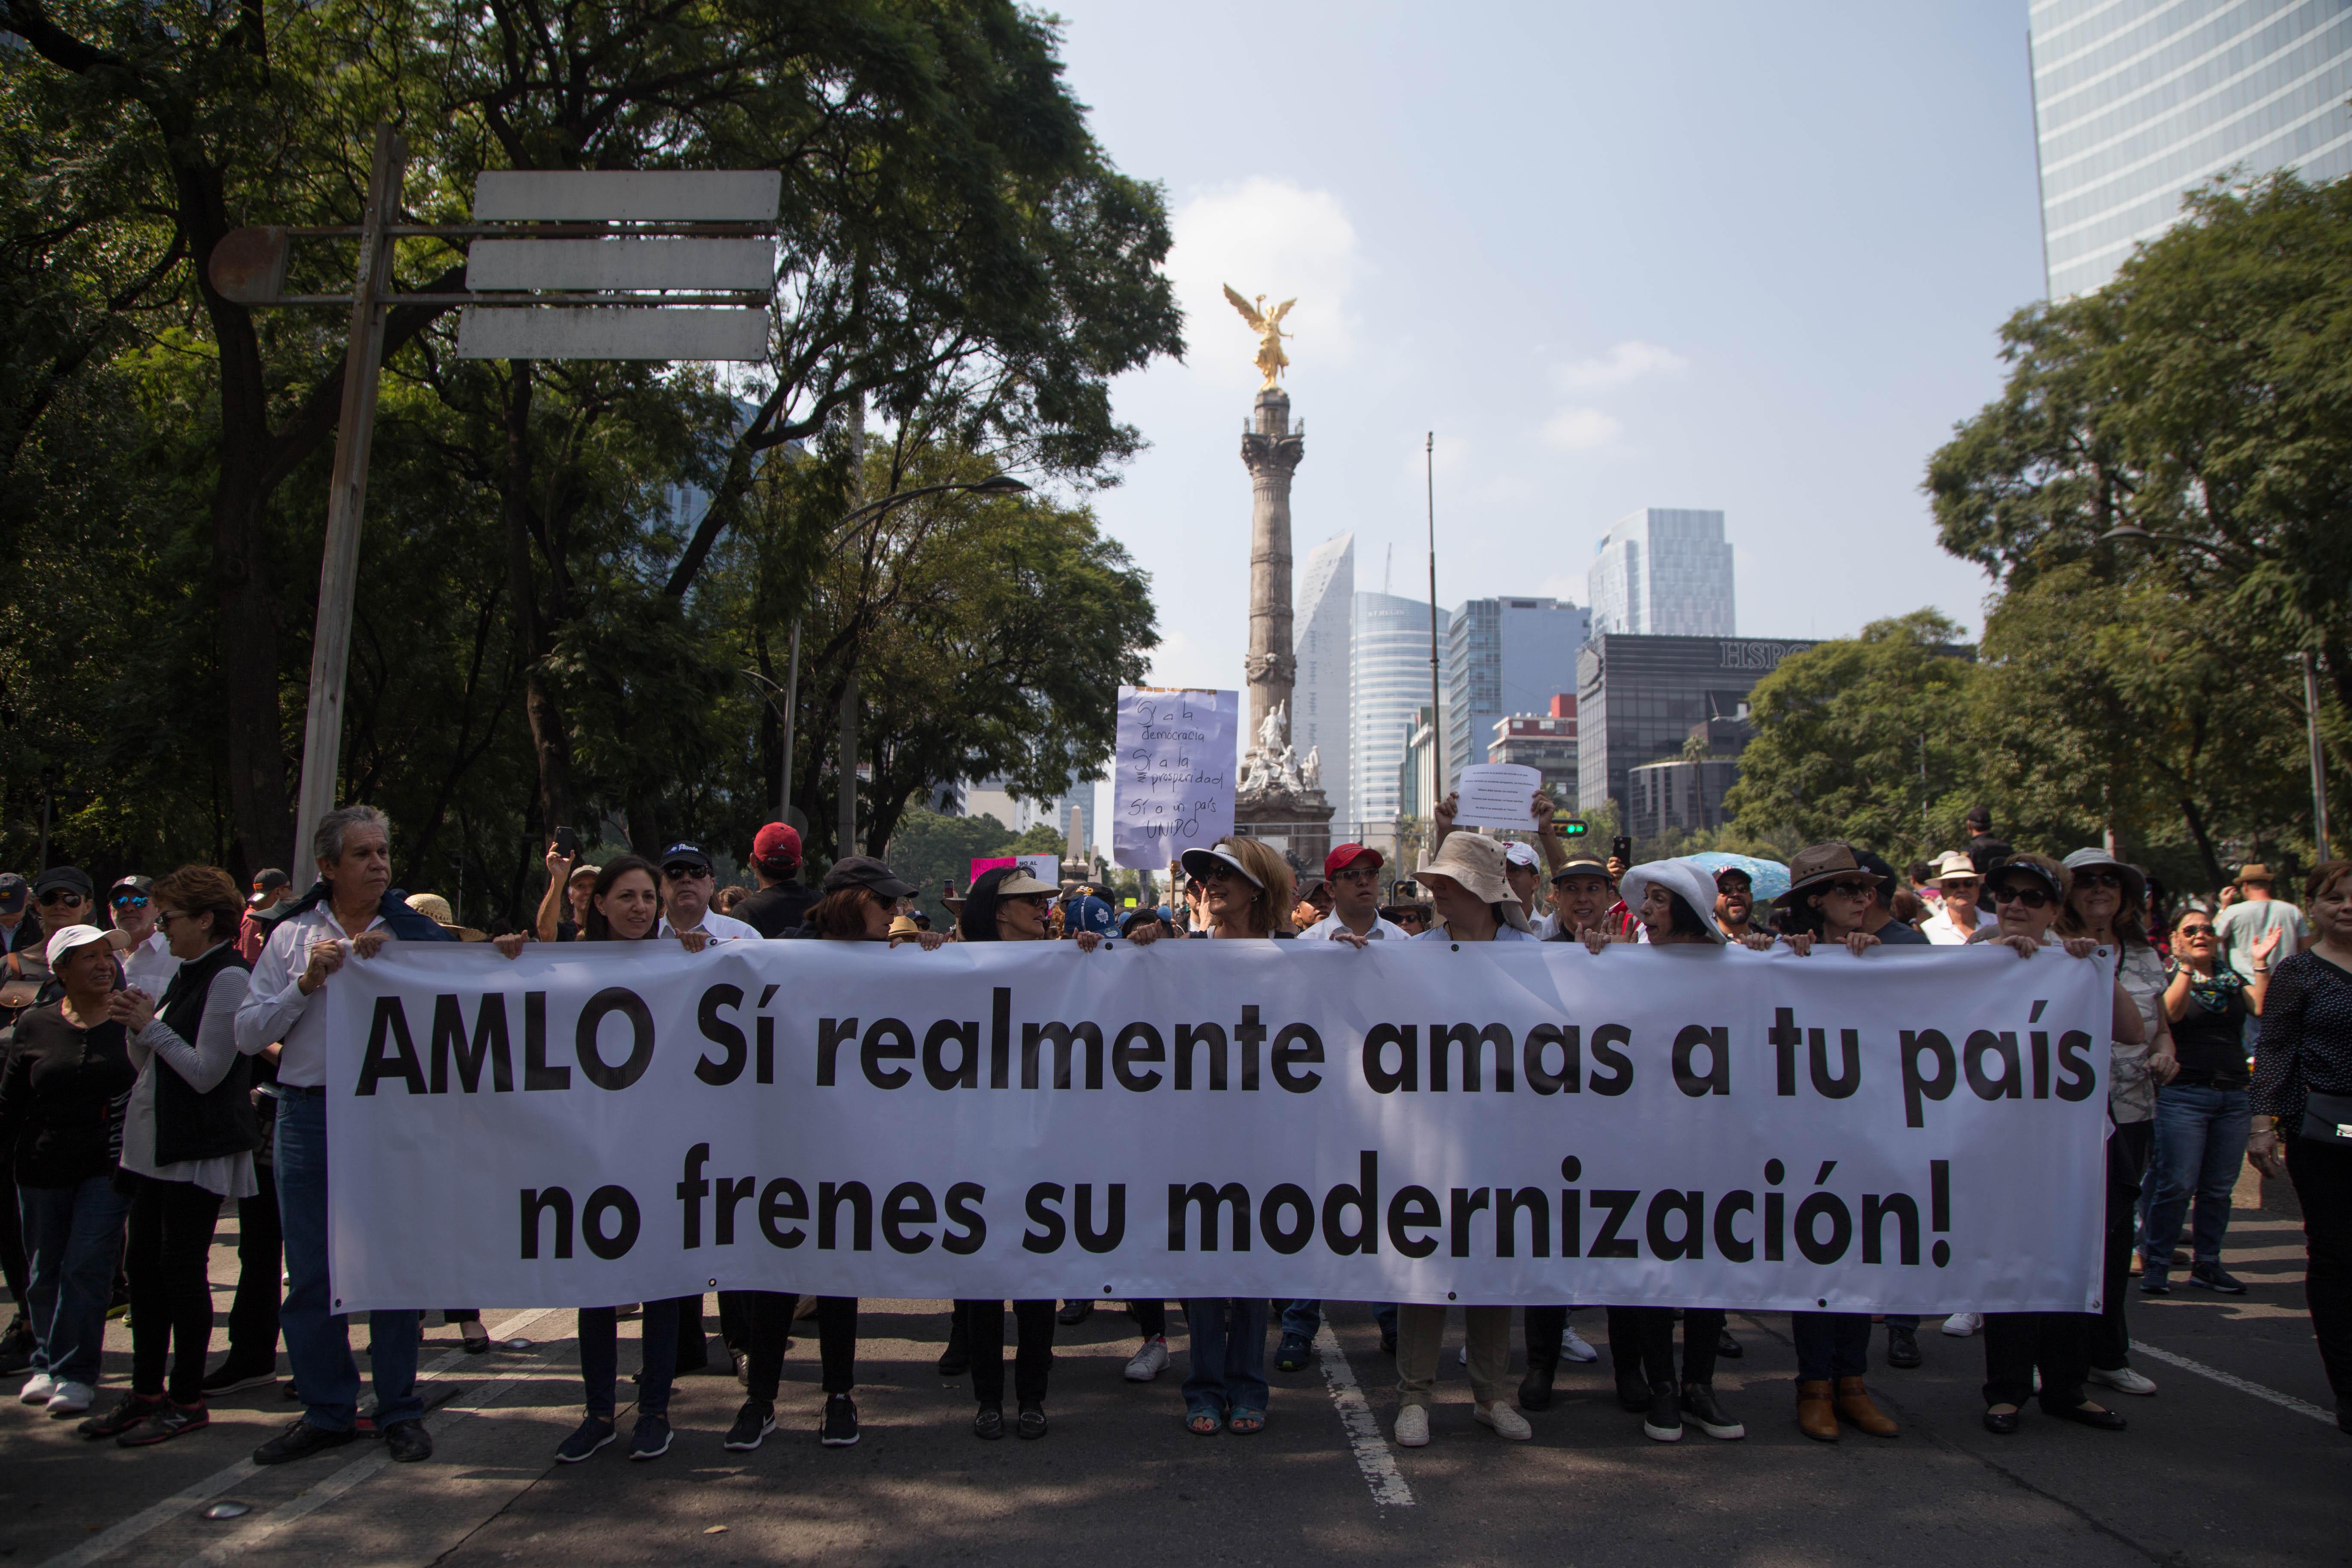 Según la SSP de la Ciudad de México, el número de participantes rondó las 5 mil 500 personas, aunque algunos medios de comunicación destacaron que era obvio que el grueso del contingente eran personas que no acostumbran a marchar ni a movilizarse